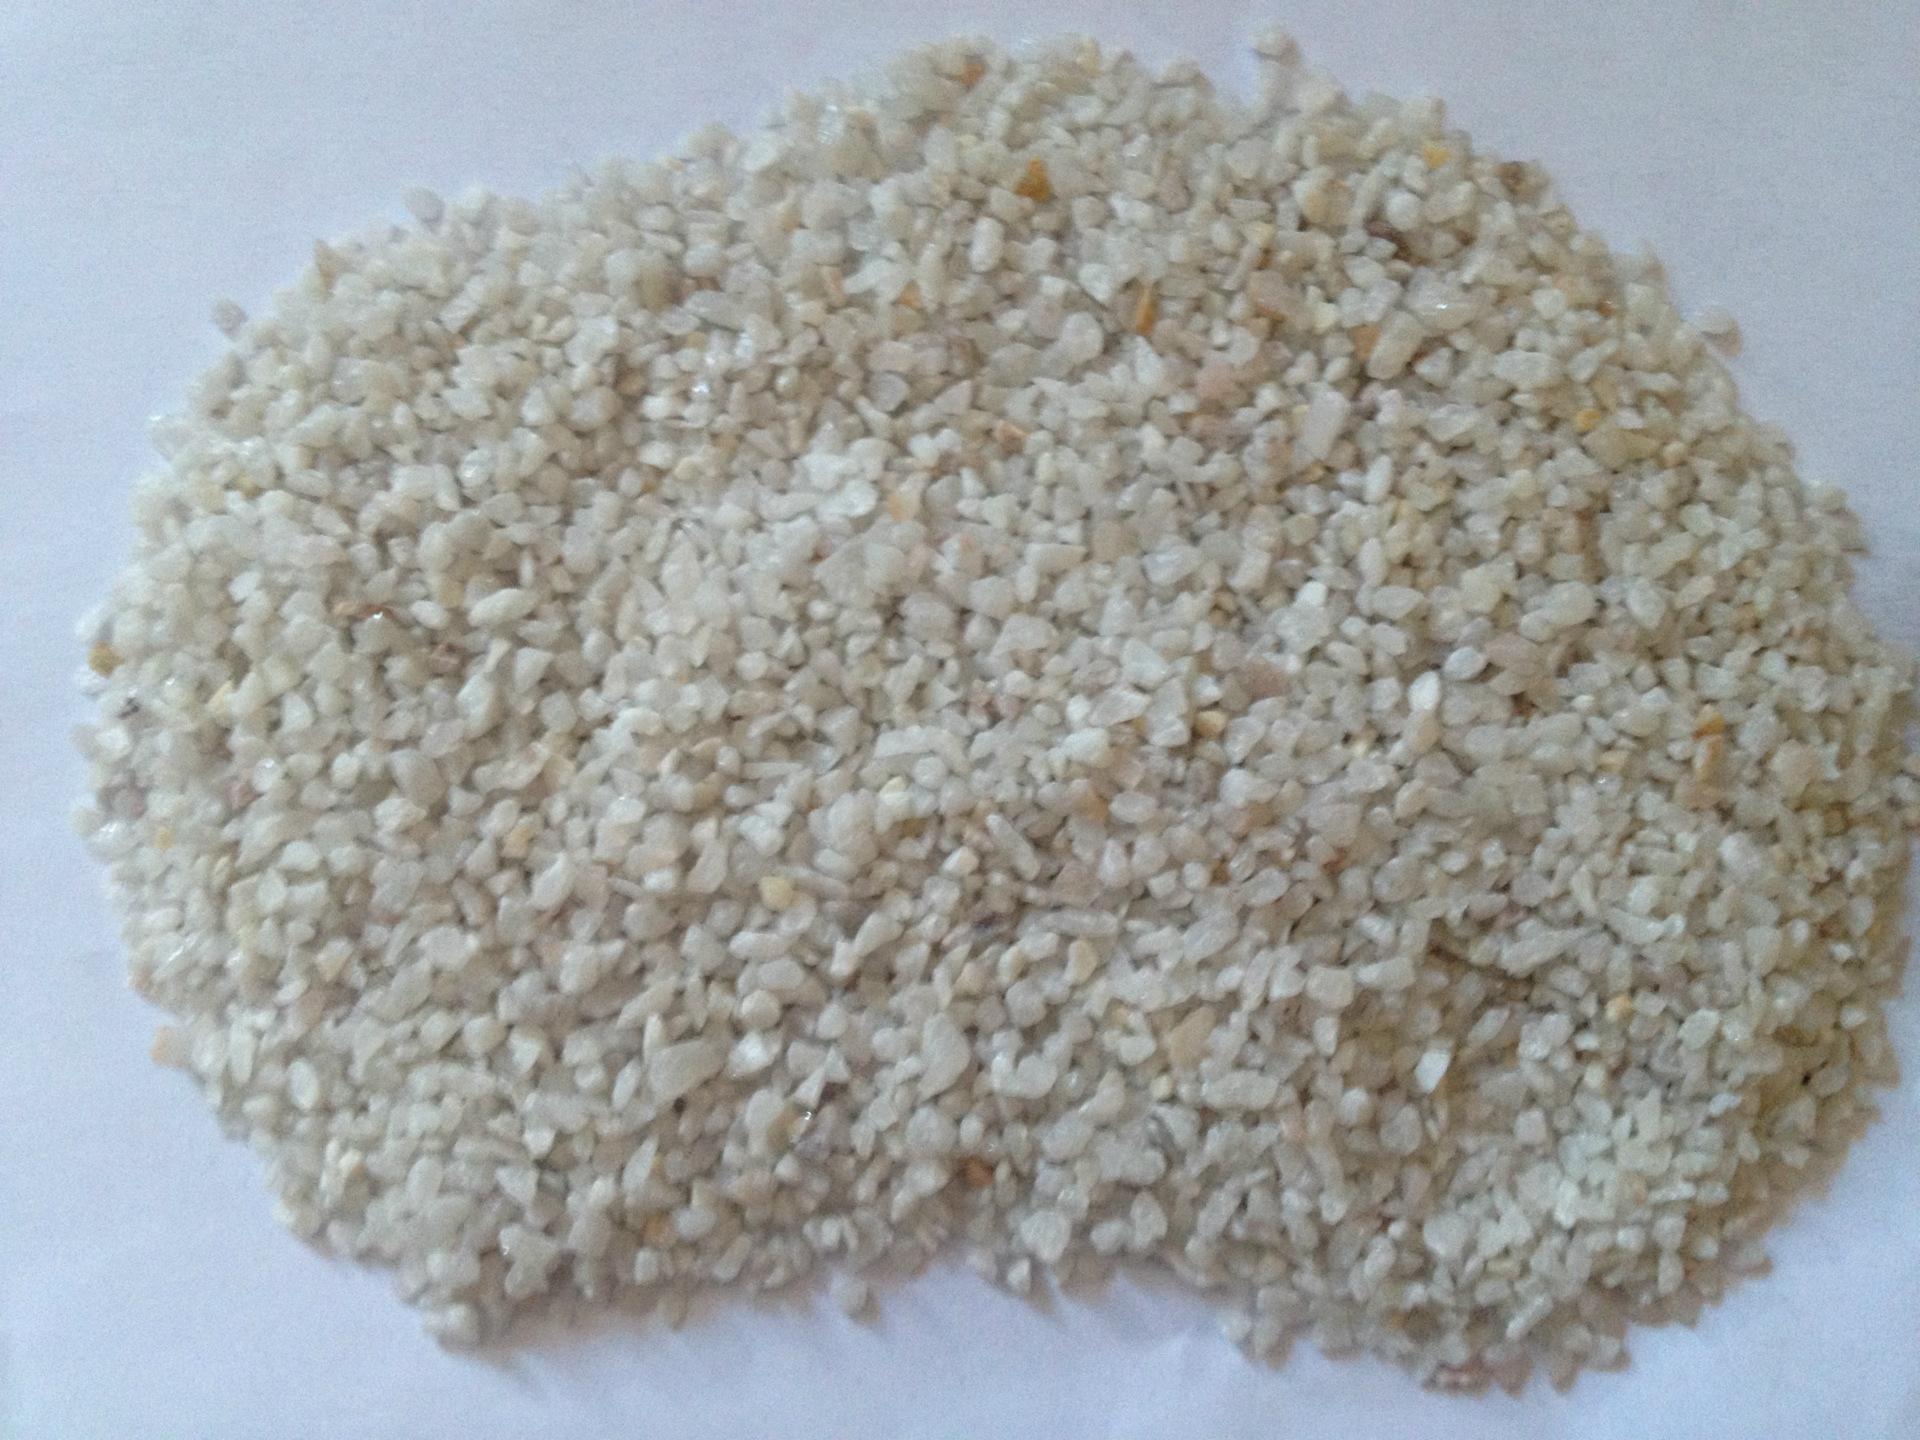 石英砂 石英砂滤料 石英砂价格,品质保证